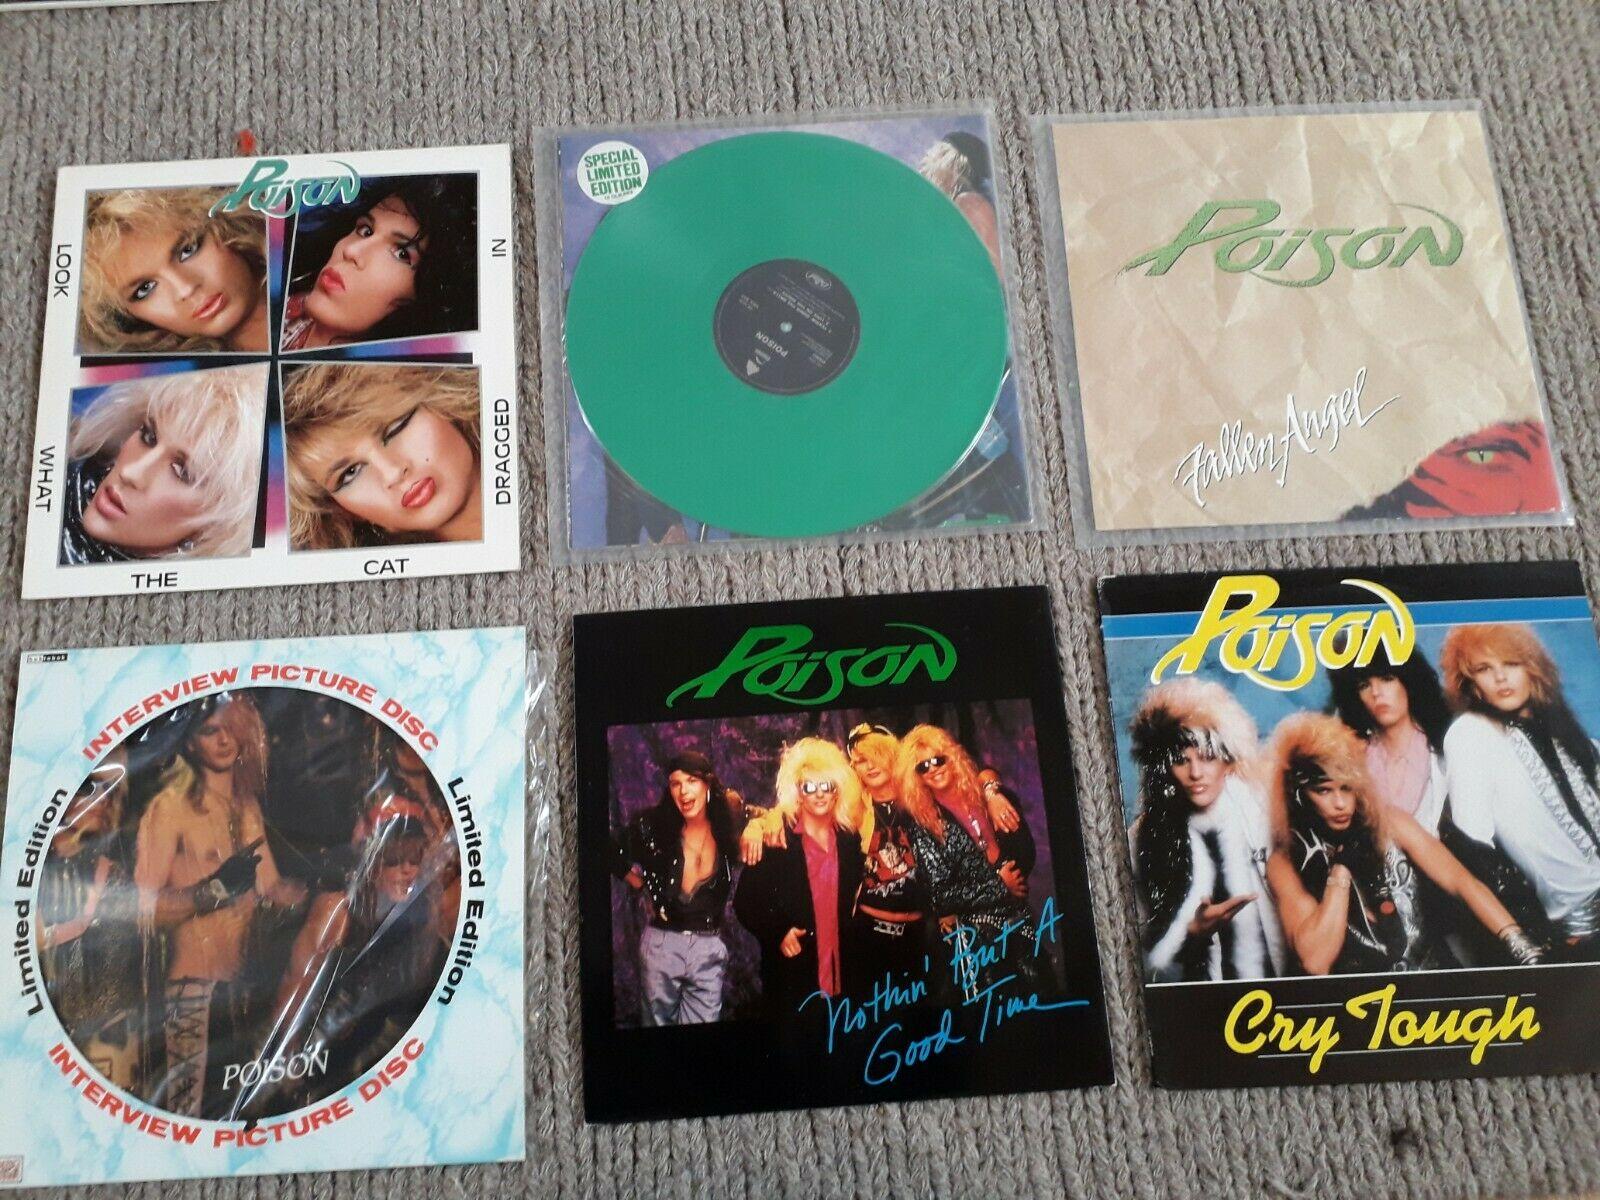 6x Poison Vinyls, Look What, Fallen Angel, Cry Tough etc.